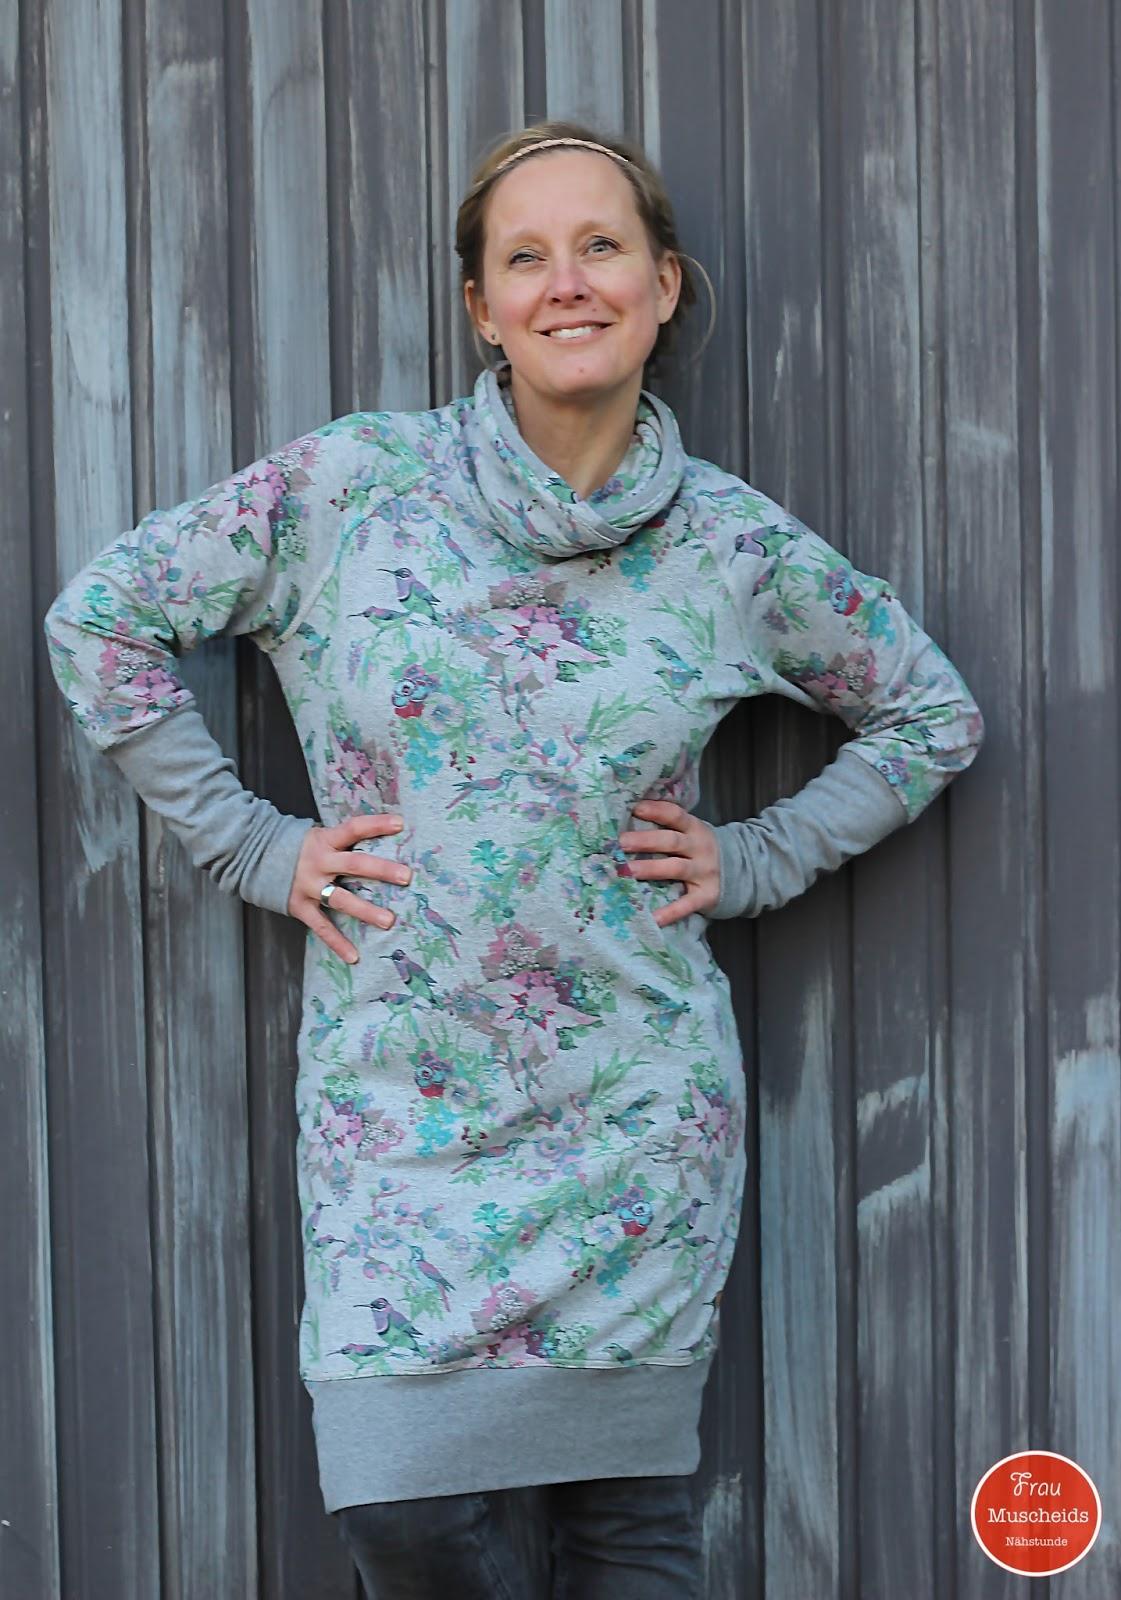 Frau Muscheids Nähstunde: Meine Vanja funktioniert auch als Kleid